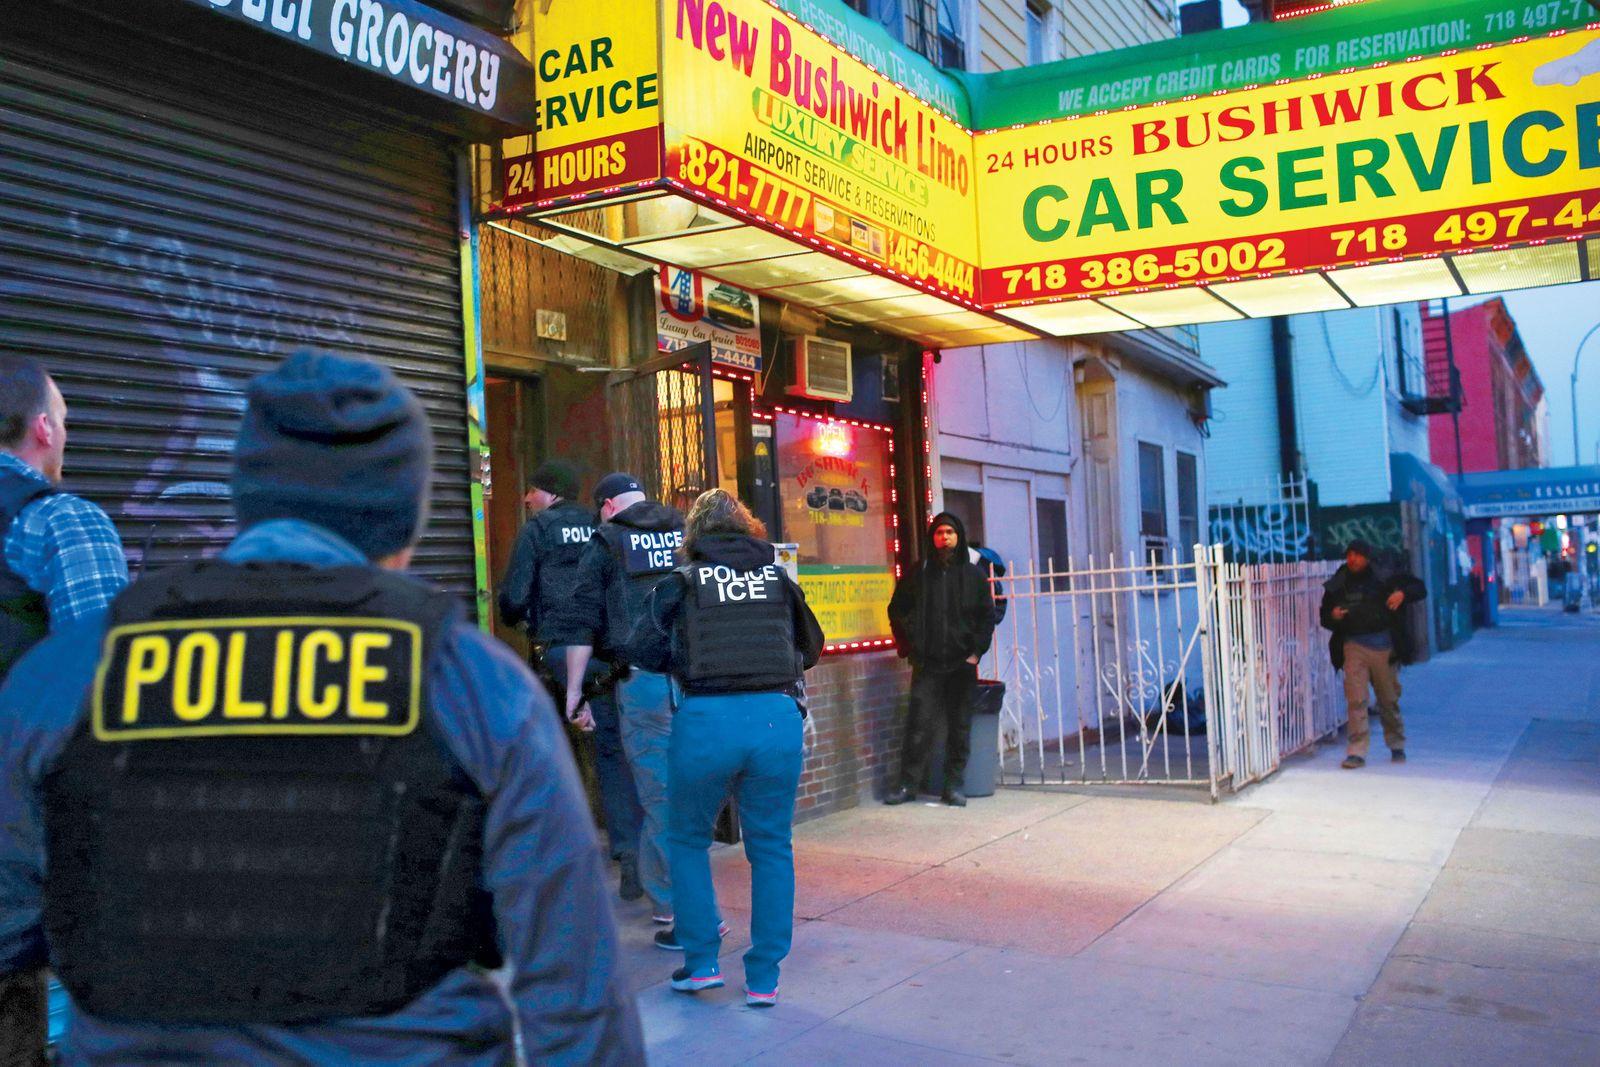 據報,移民局將對庇護城市中未有自動離境的非法移民,進行新一輪的大抓捕。紐約也被認為是無證民的庇護城市。    nymag圖片